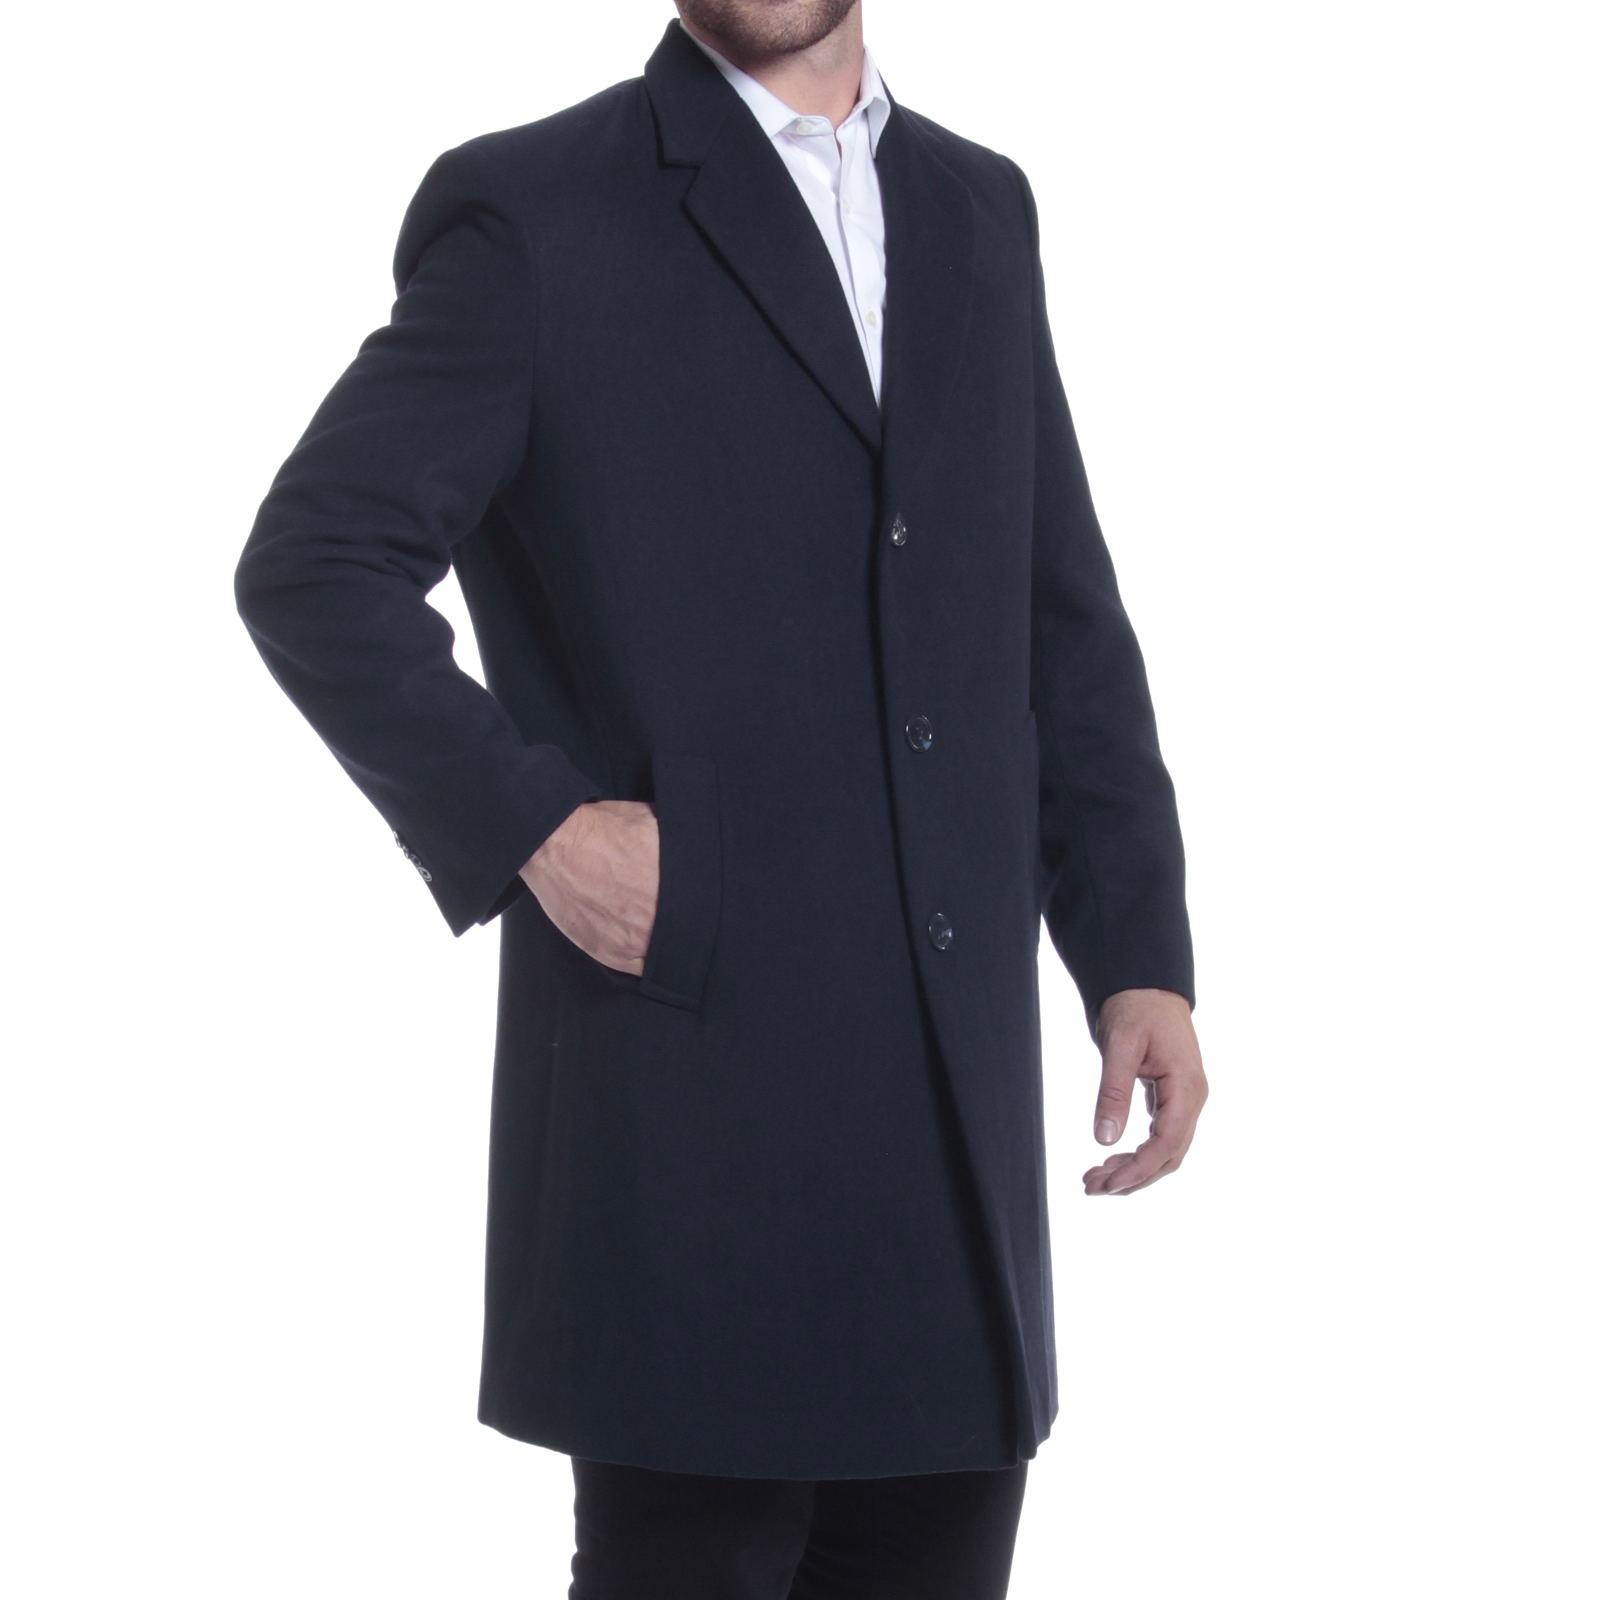 Alpine Swiss Luke Wool Mens Tailored 37 Walker Jacket Top